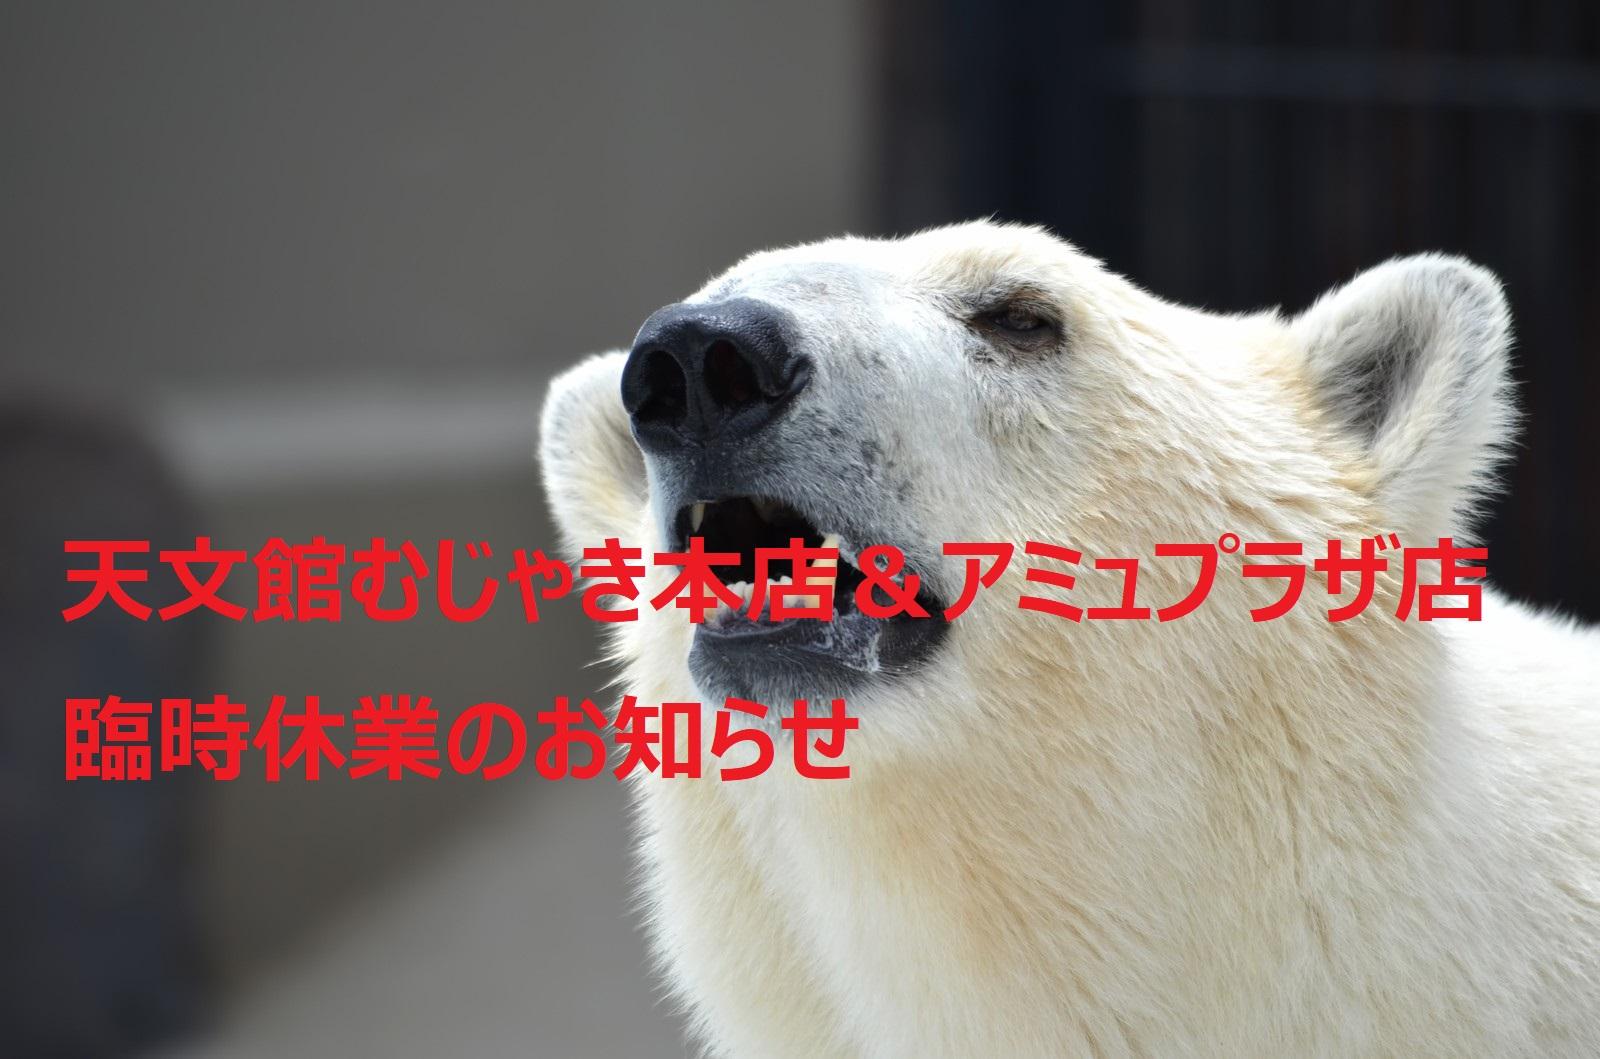 天文館むじゃき本店&アミュプラザ店 臨時休業のお知らせ イメージ画像